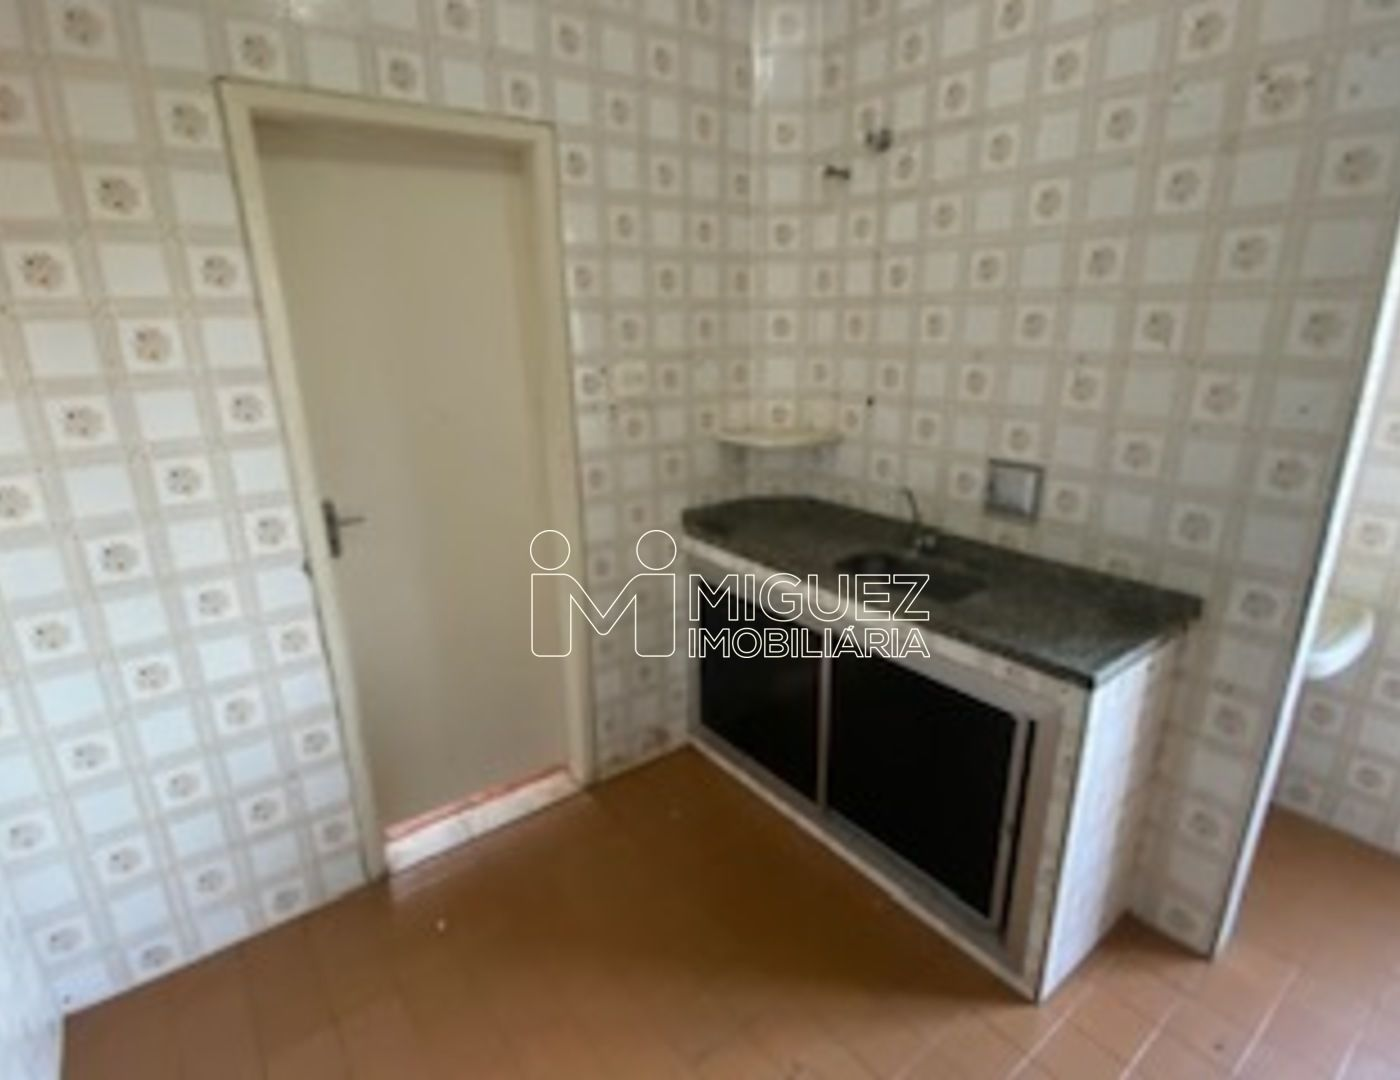 Apartamento, aluguel, Travessa Malafaia - Del Castilho , Rio de janeiro